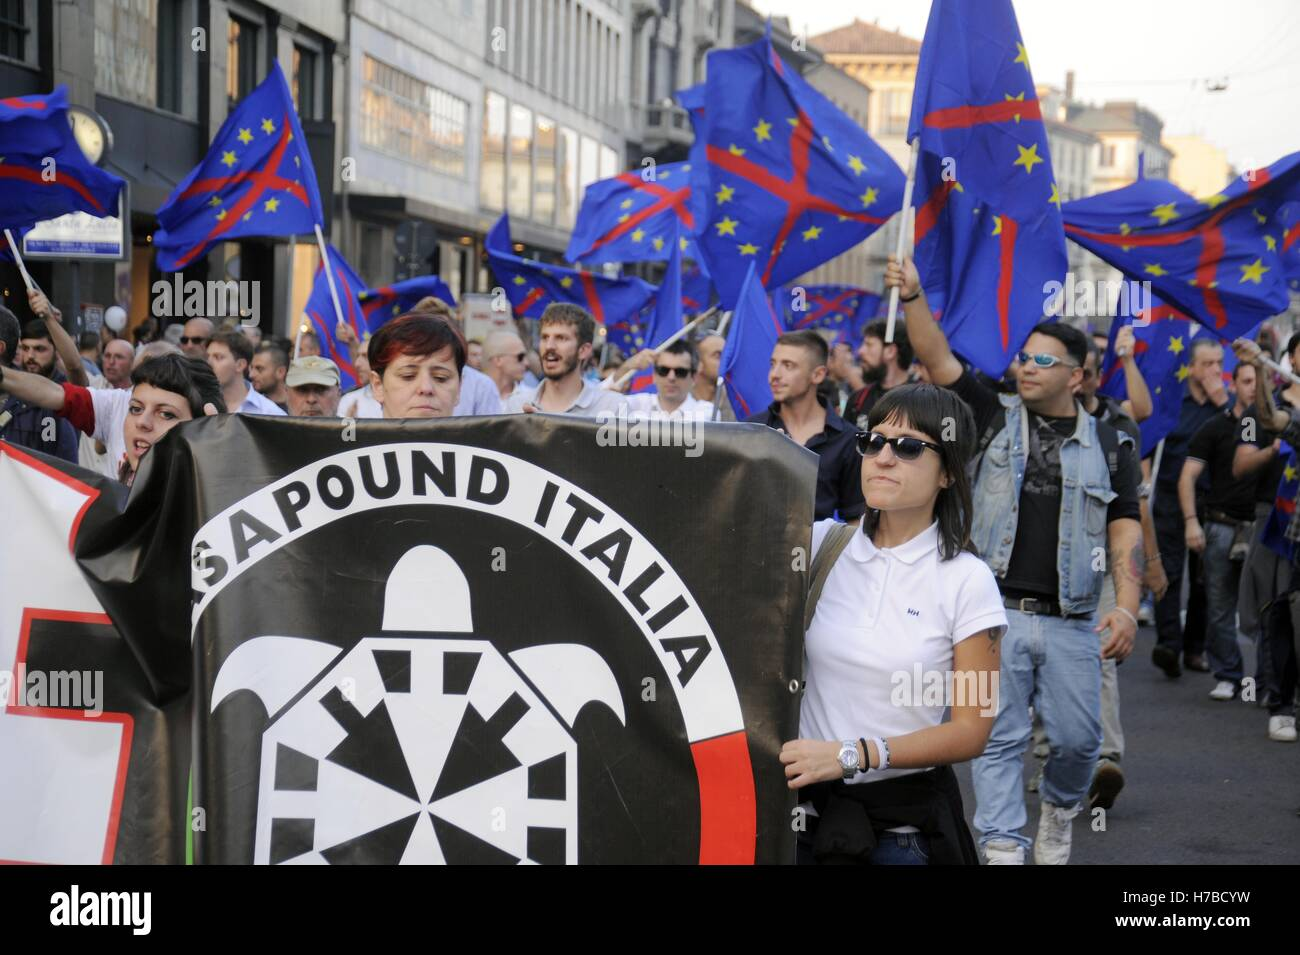 Neo-fascism